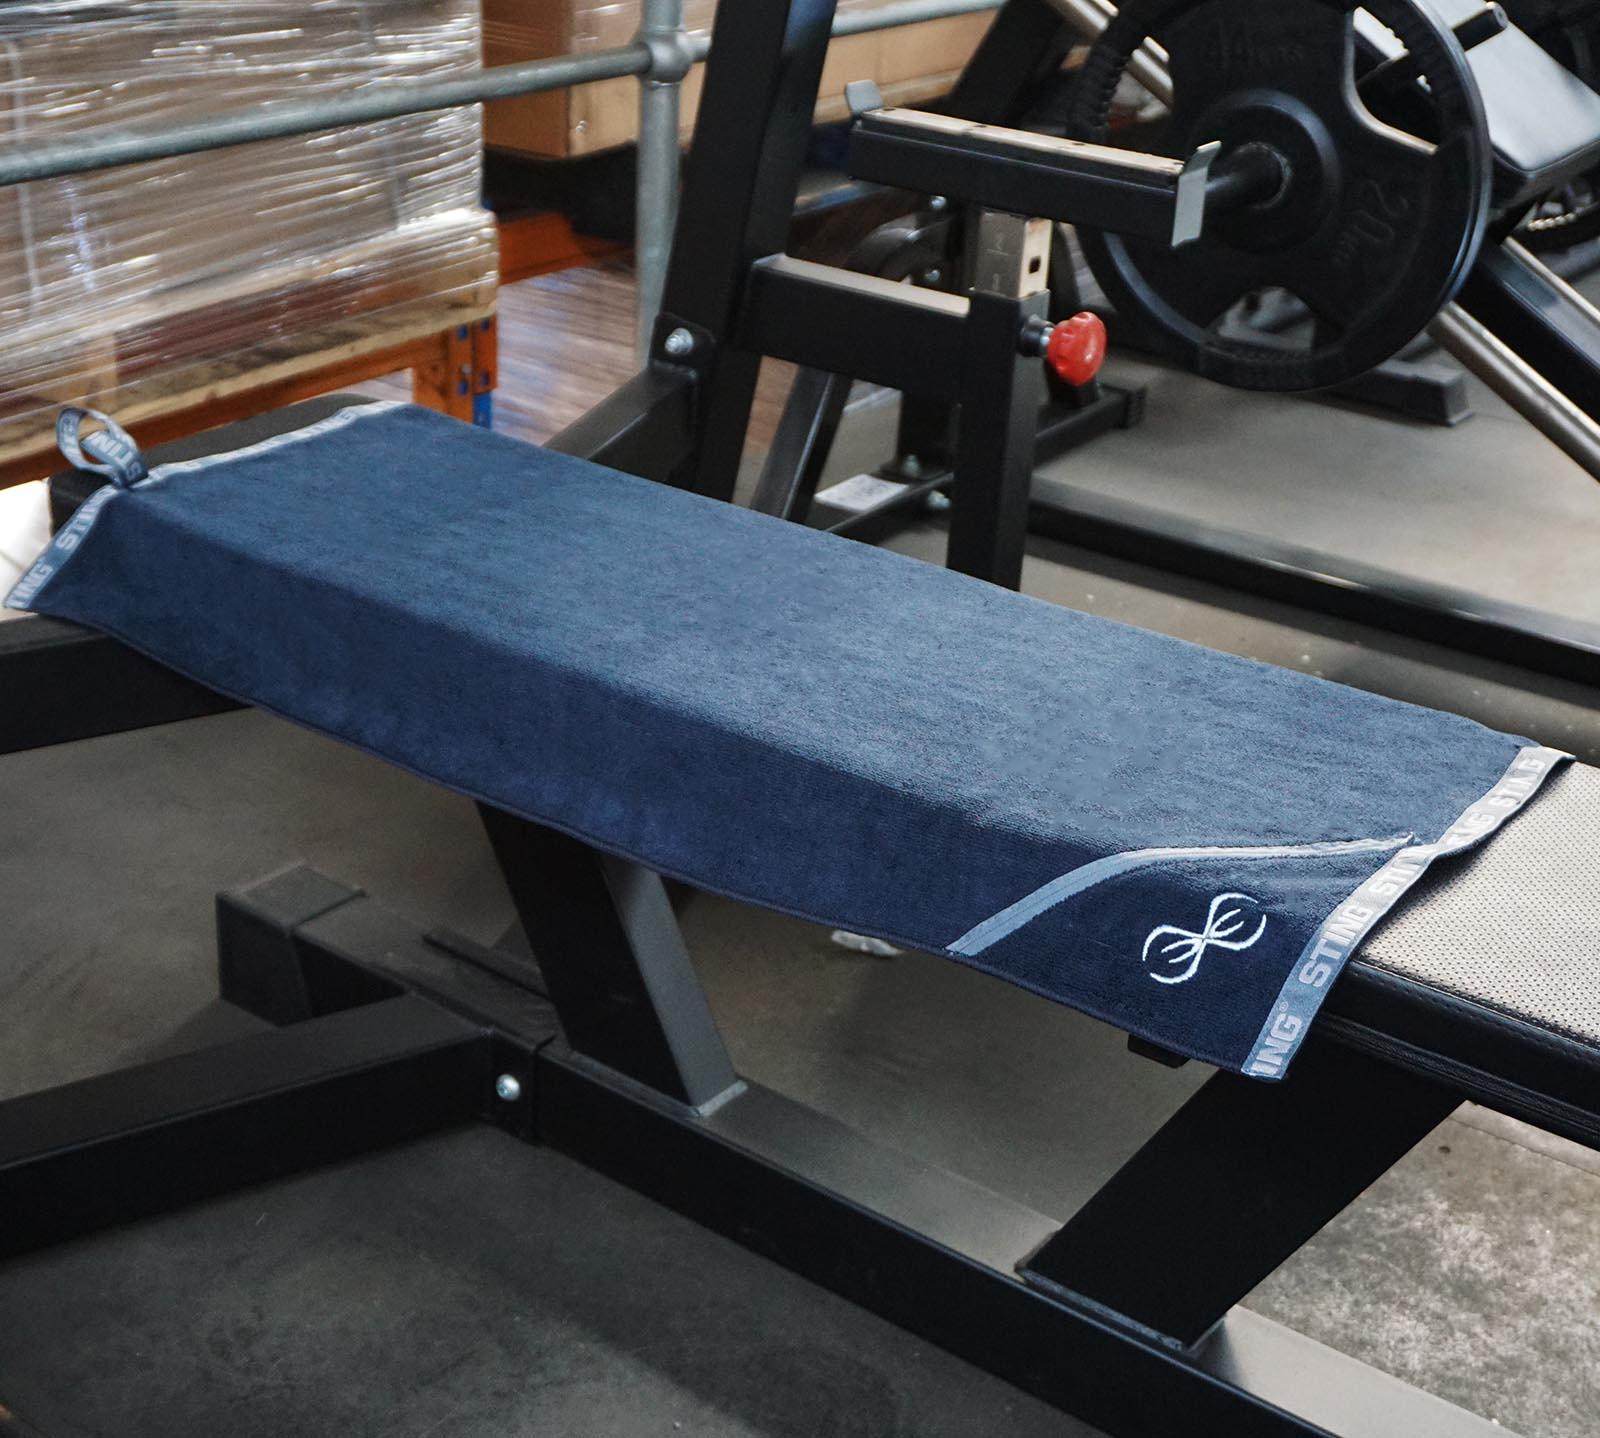 micro fibre gym towel